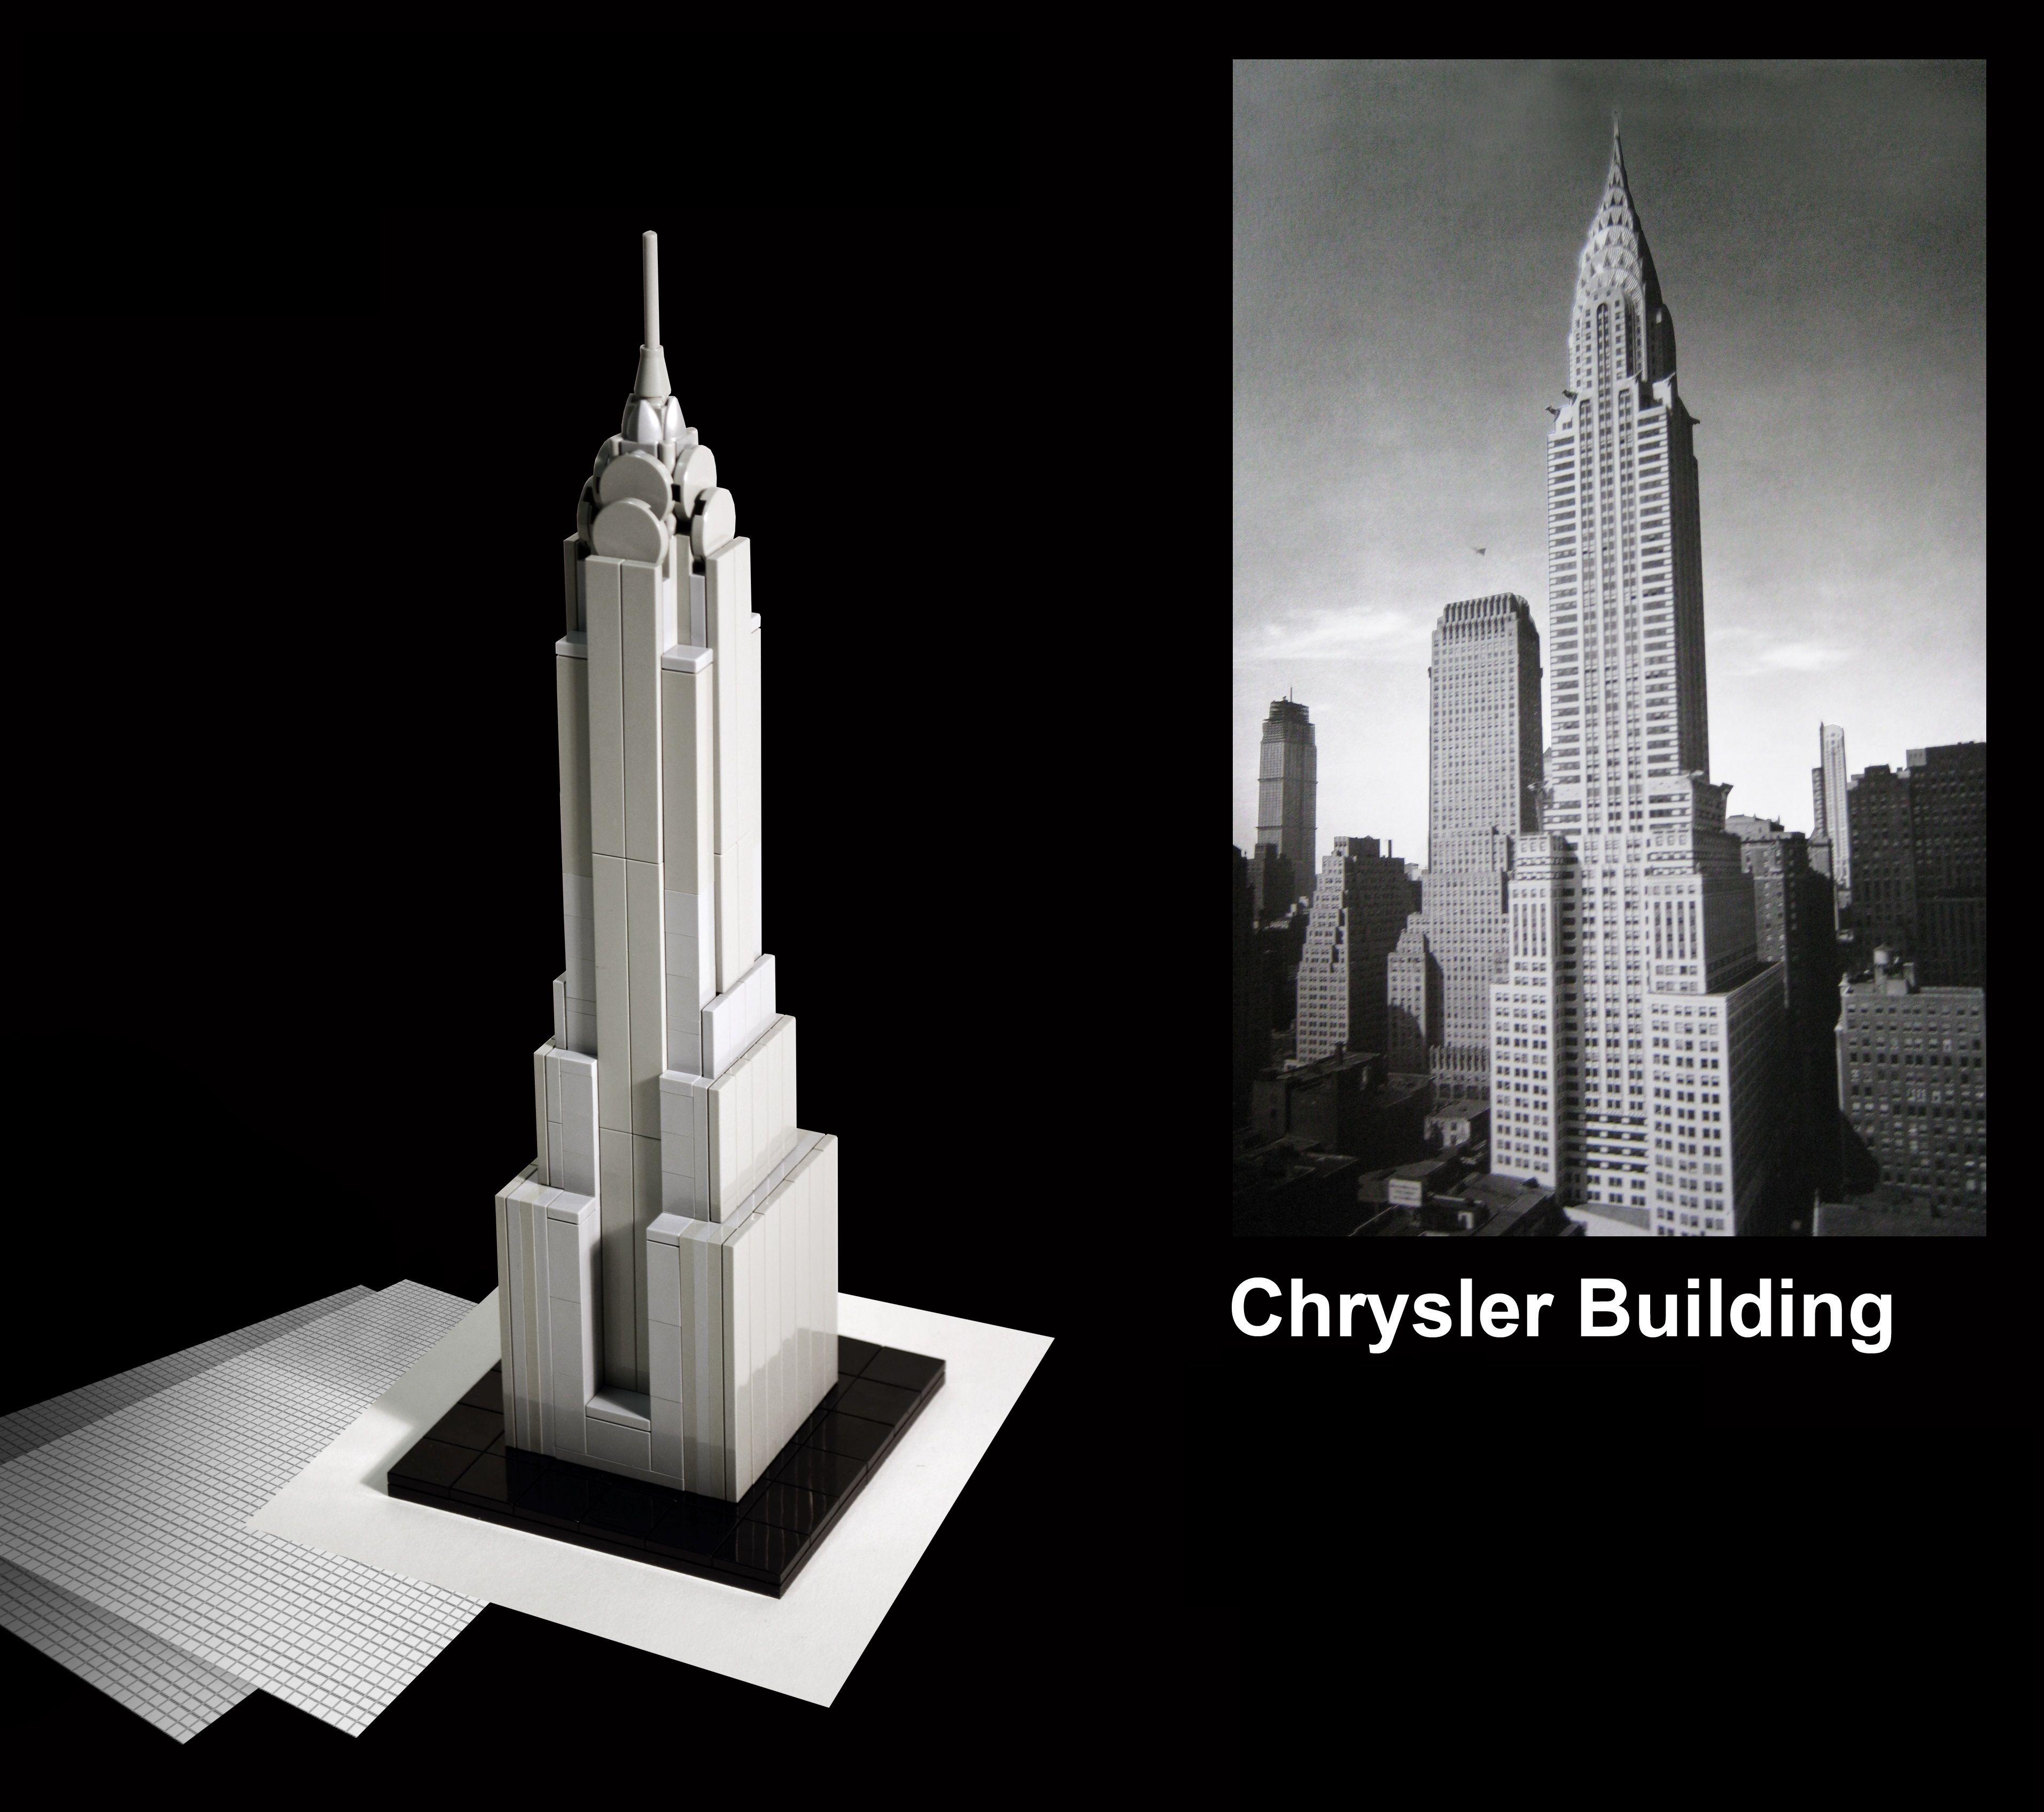 É um arranha-céu edificado em Nova York EUA.  Inaugurado em 1930. O sistema estrutural utilizado é a estrutura metálica. É também a estrutura de tijolos mais alta do mundo. Foi designado, em 8 de dezembro de 1976, um edifício do Registro Nacional de Lugares Históricos bem como, na mesma data, um Marco Histórico Naciona. #AmoLego